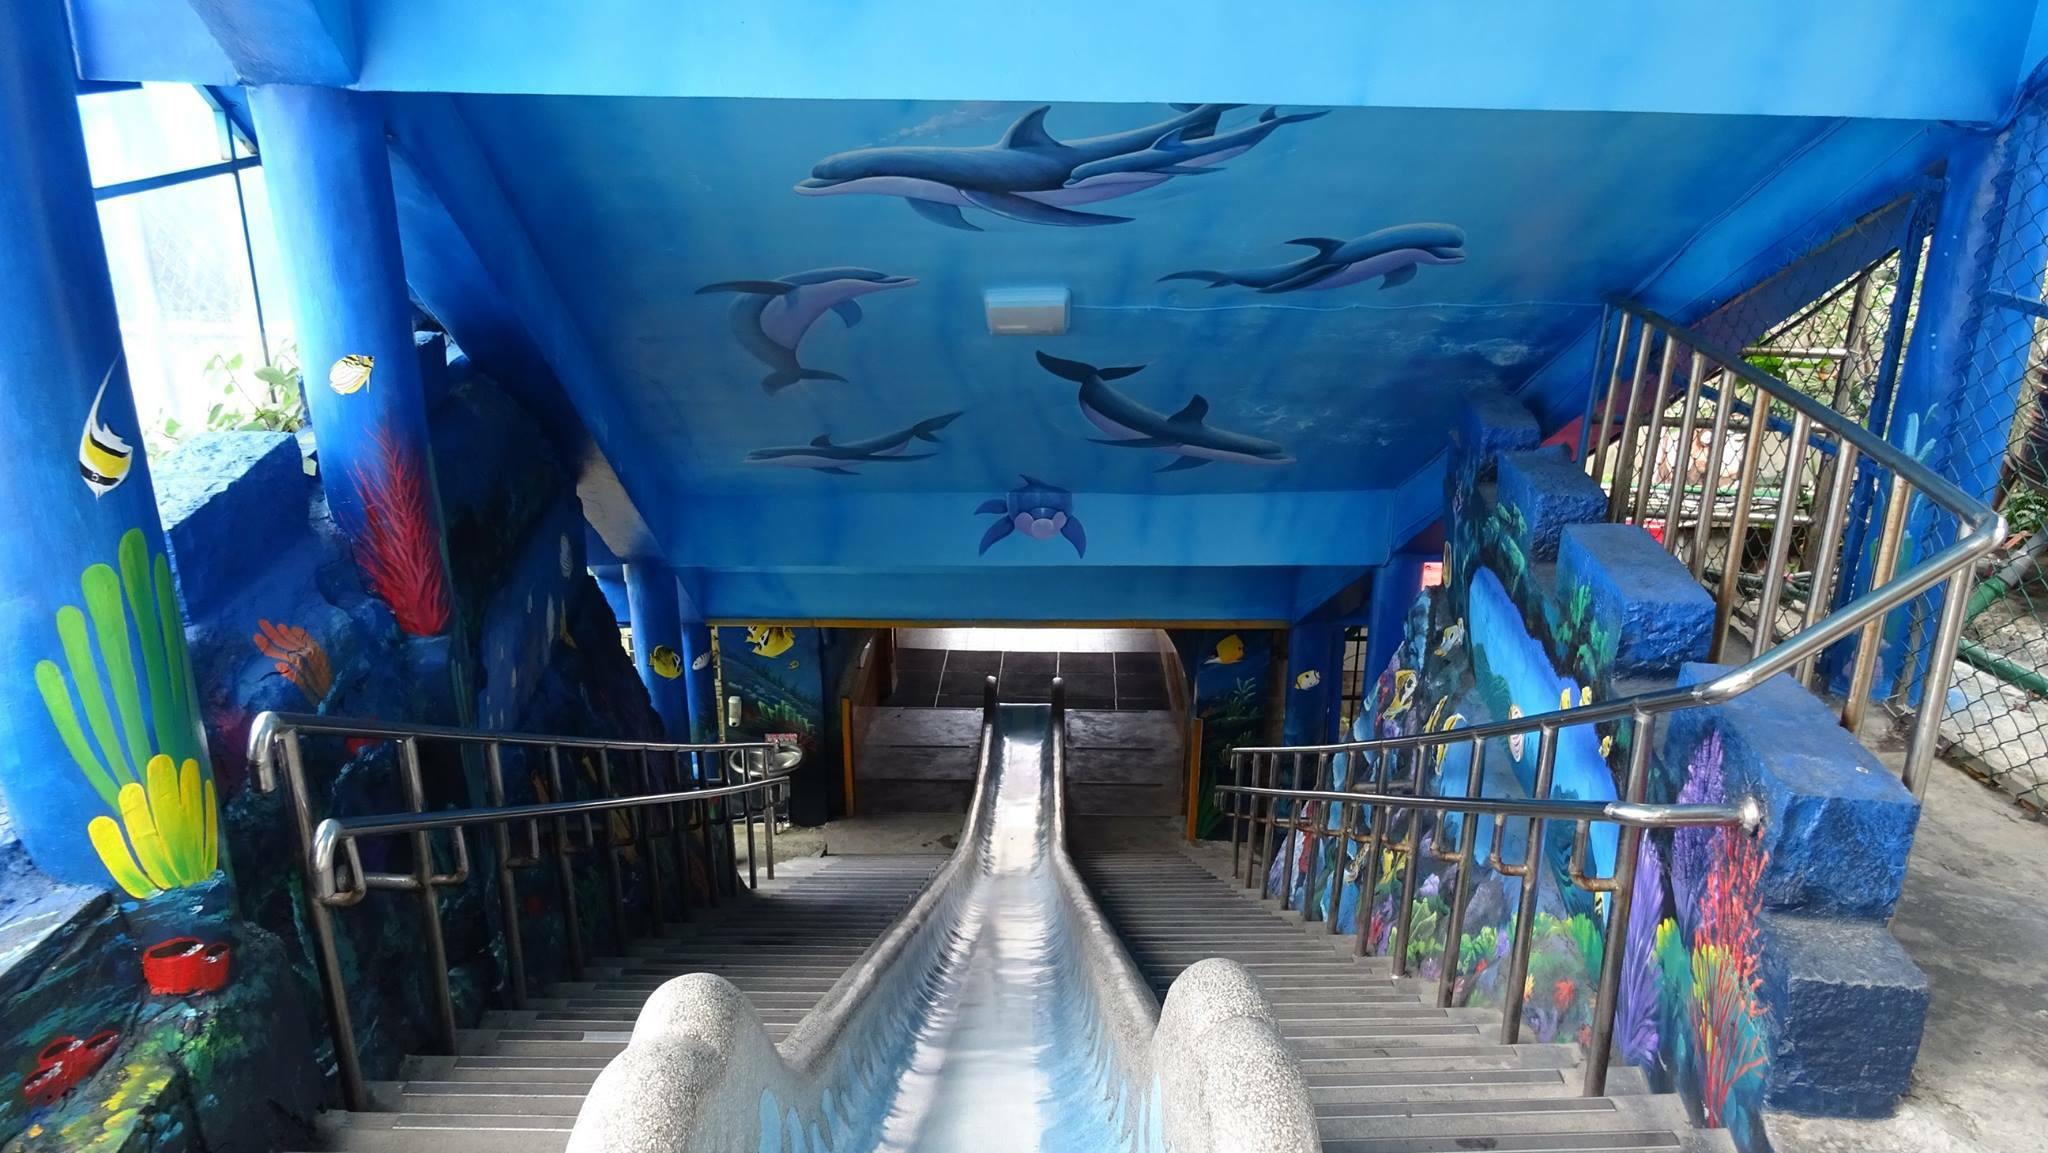 濂洞國小校內一大亮點是高兩層樓的室內磨石子溜滑梯。圖/濂洞國小臉書粉絲專頁